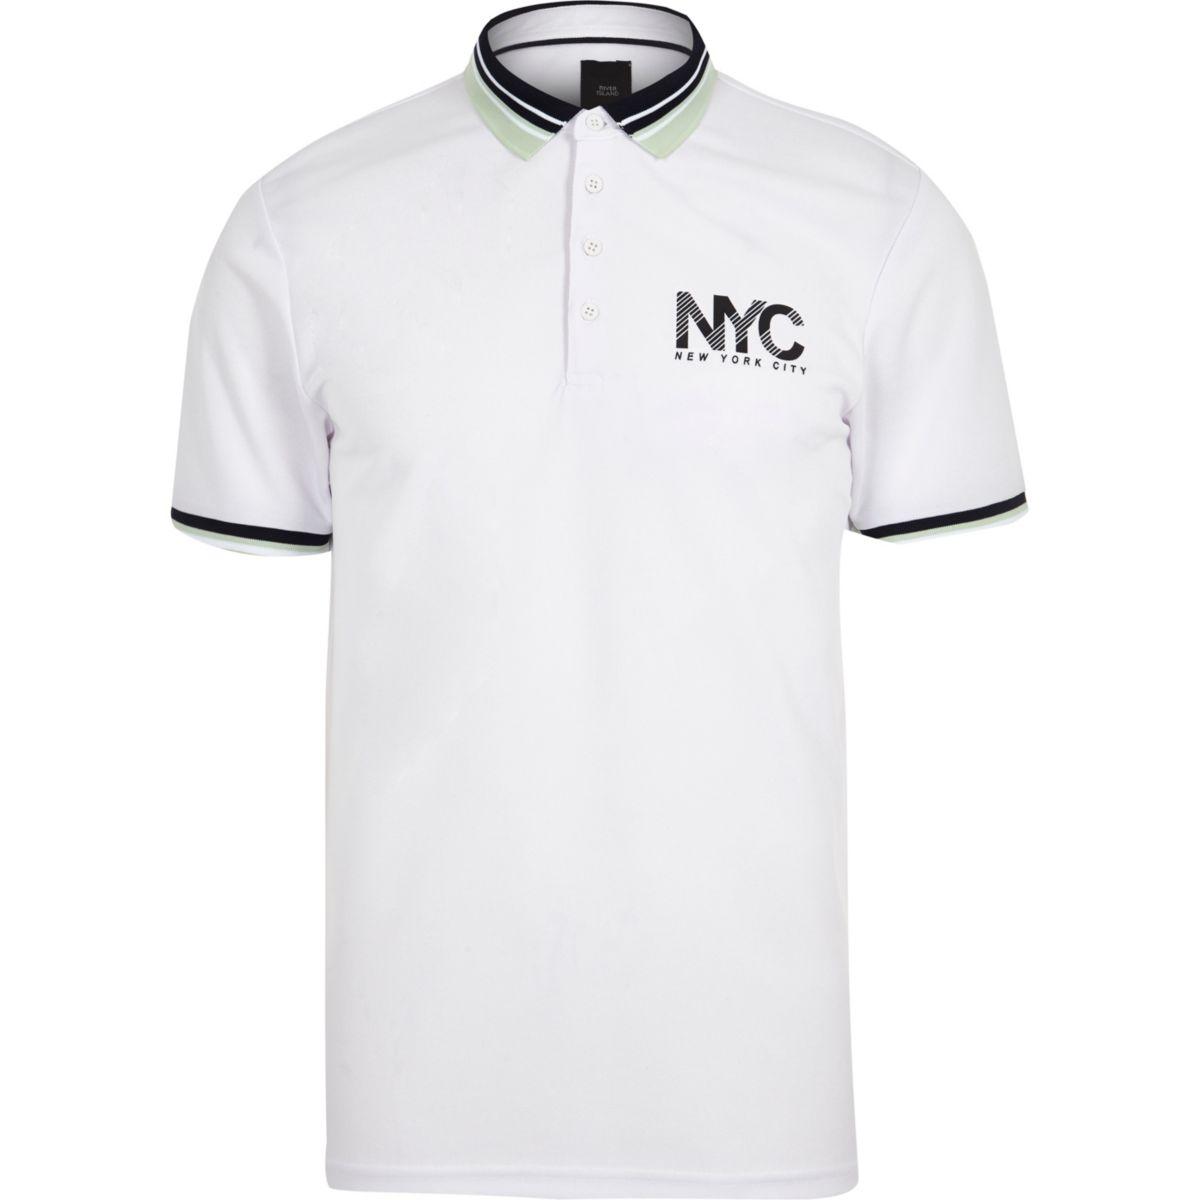 White 'NYC' print slim fit polo shirt